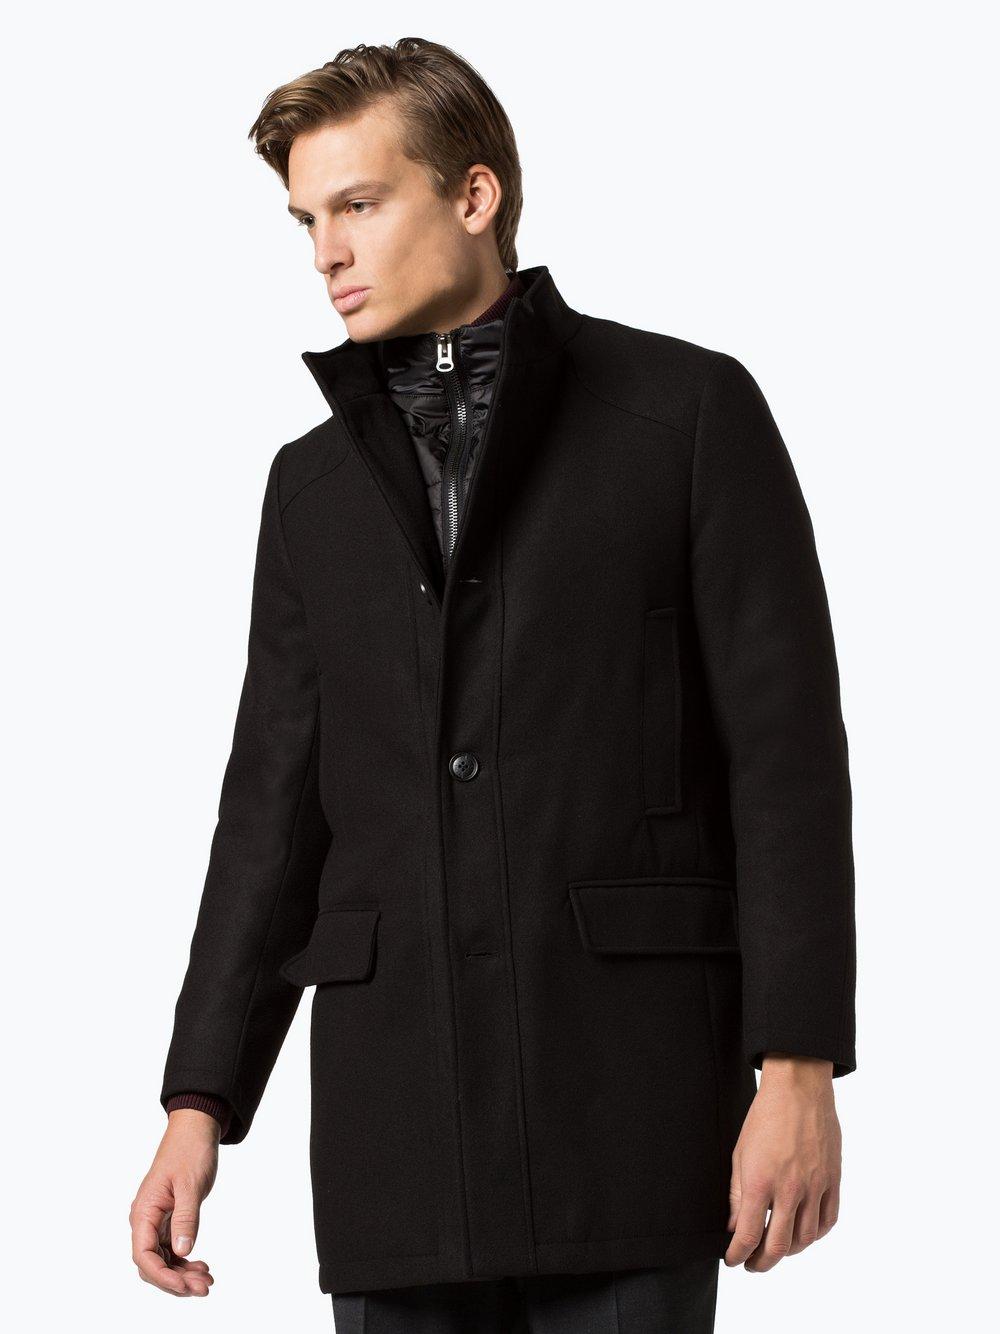 Ausverkauf so billig super günstig im vergleich zu Finshley & Harding Herren Mantel online kaufen | VANGRAAF.COM